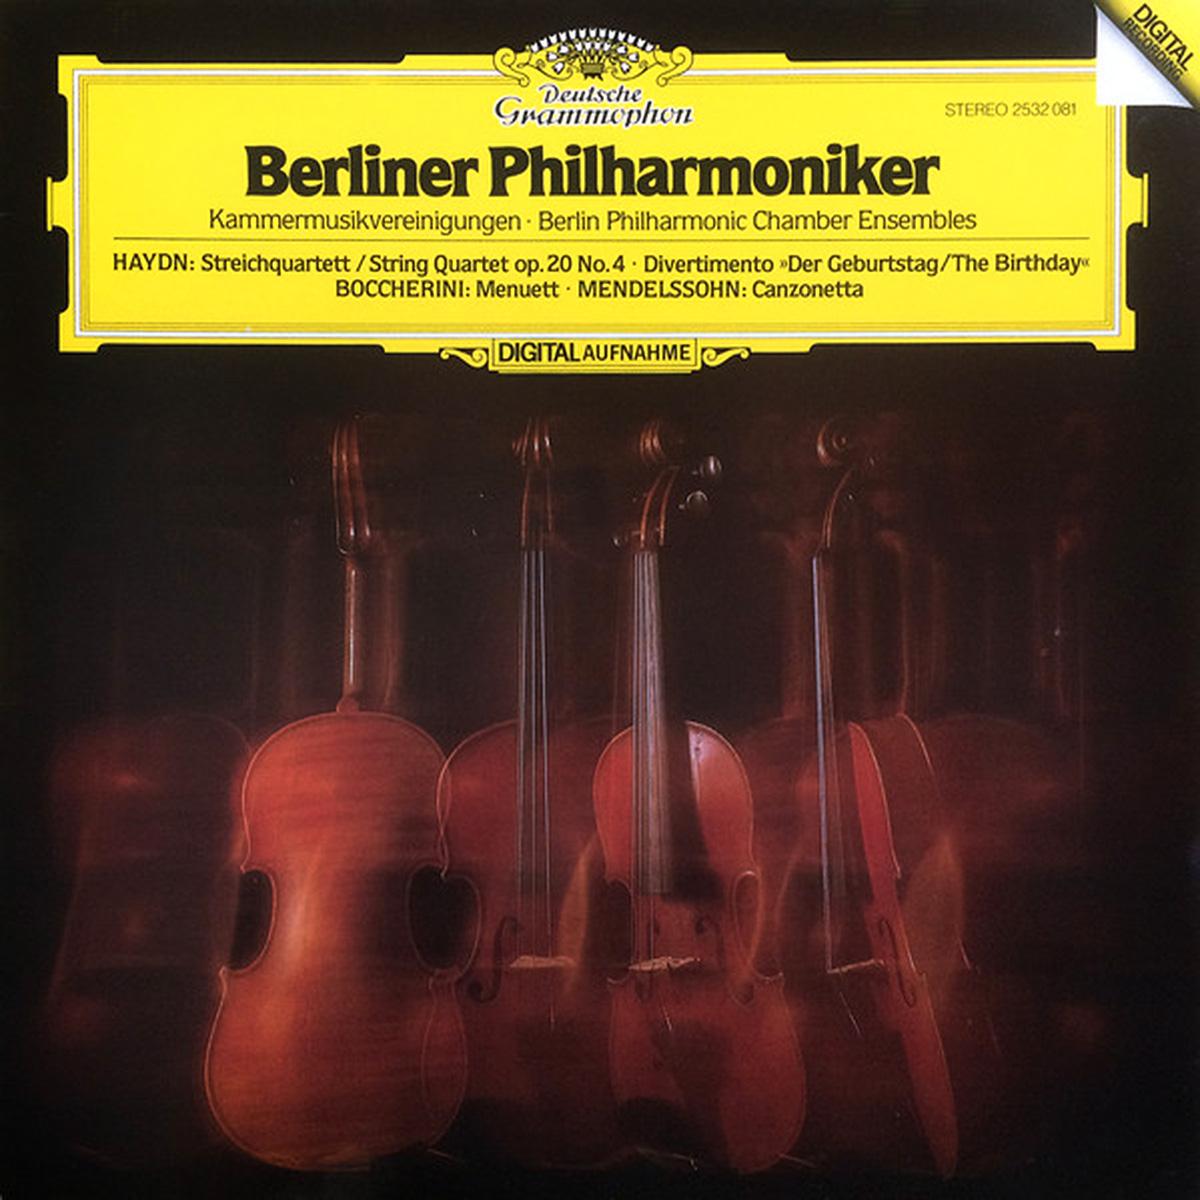 DGG 2532081 Berliner Philharmoniker